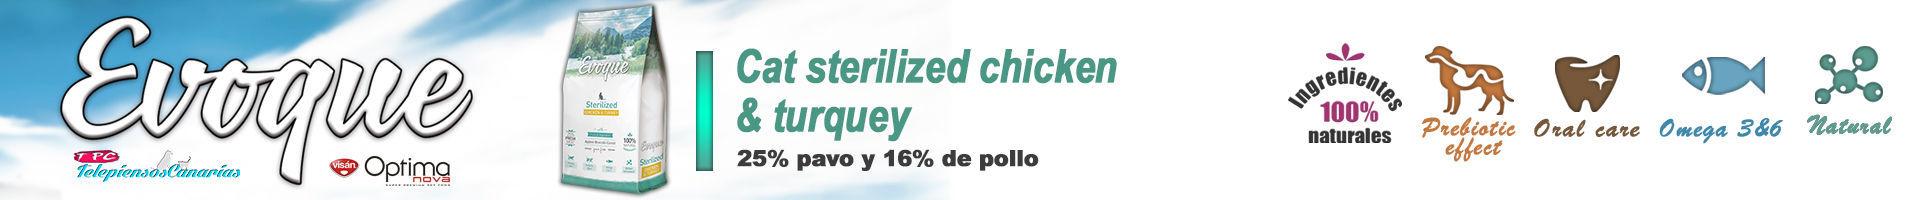 Evoque cat sterilized chicken and turquey, 25% de carne fresca